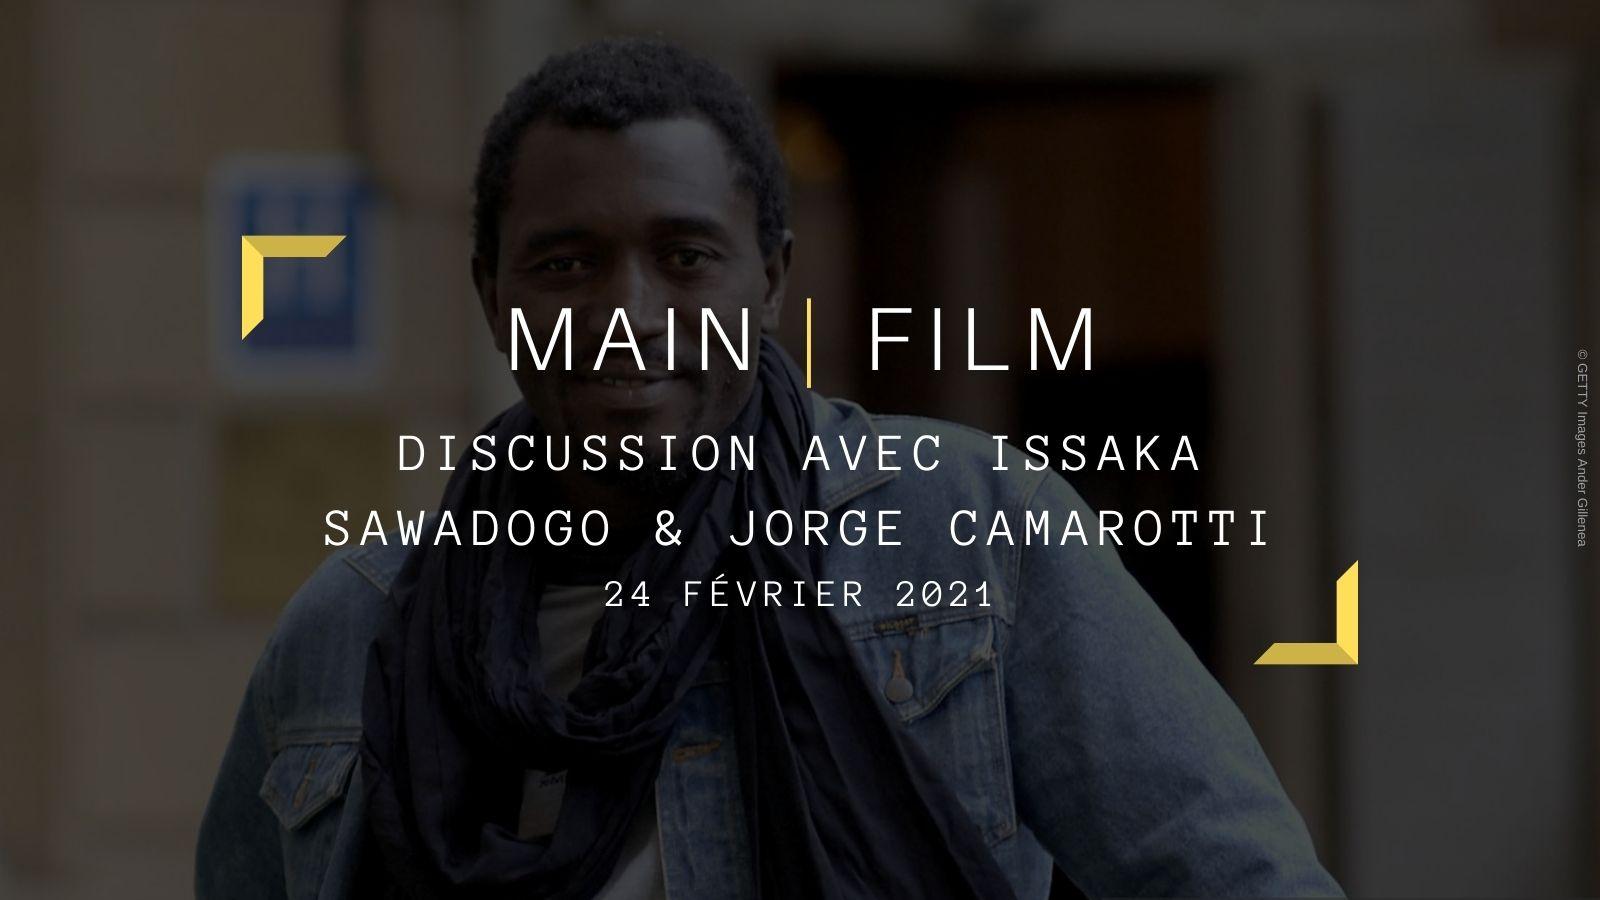 Discussion avec Issaka Sawadogo et Jorge Camarotti